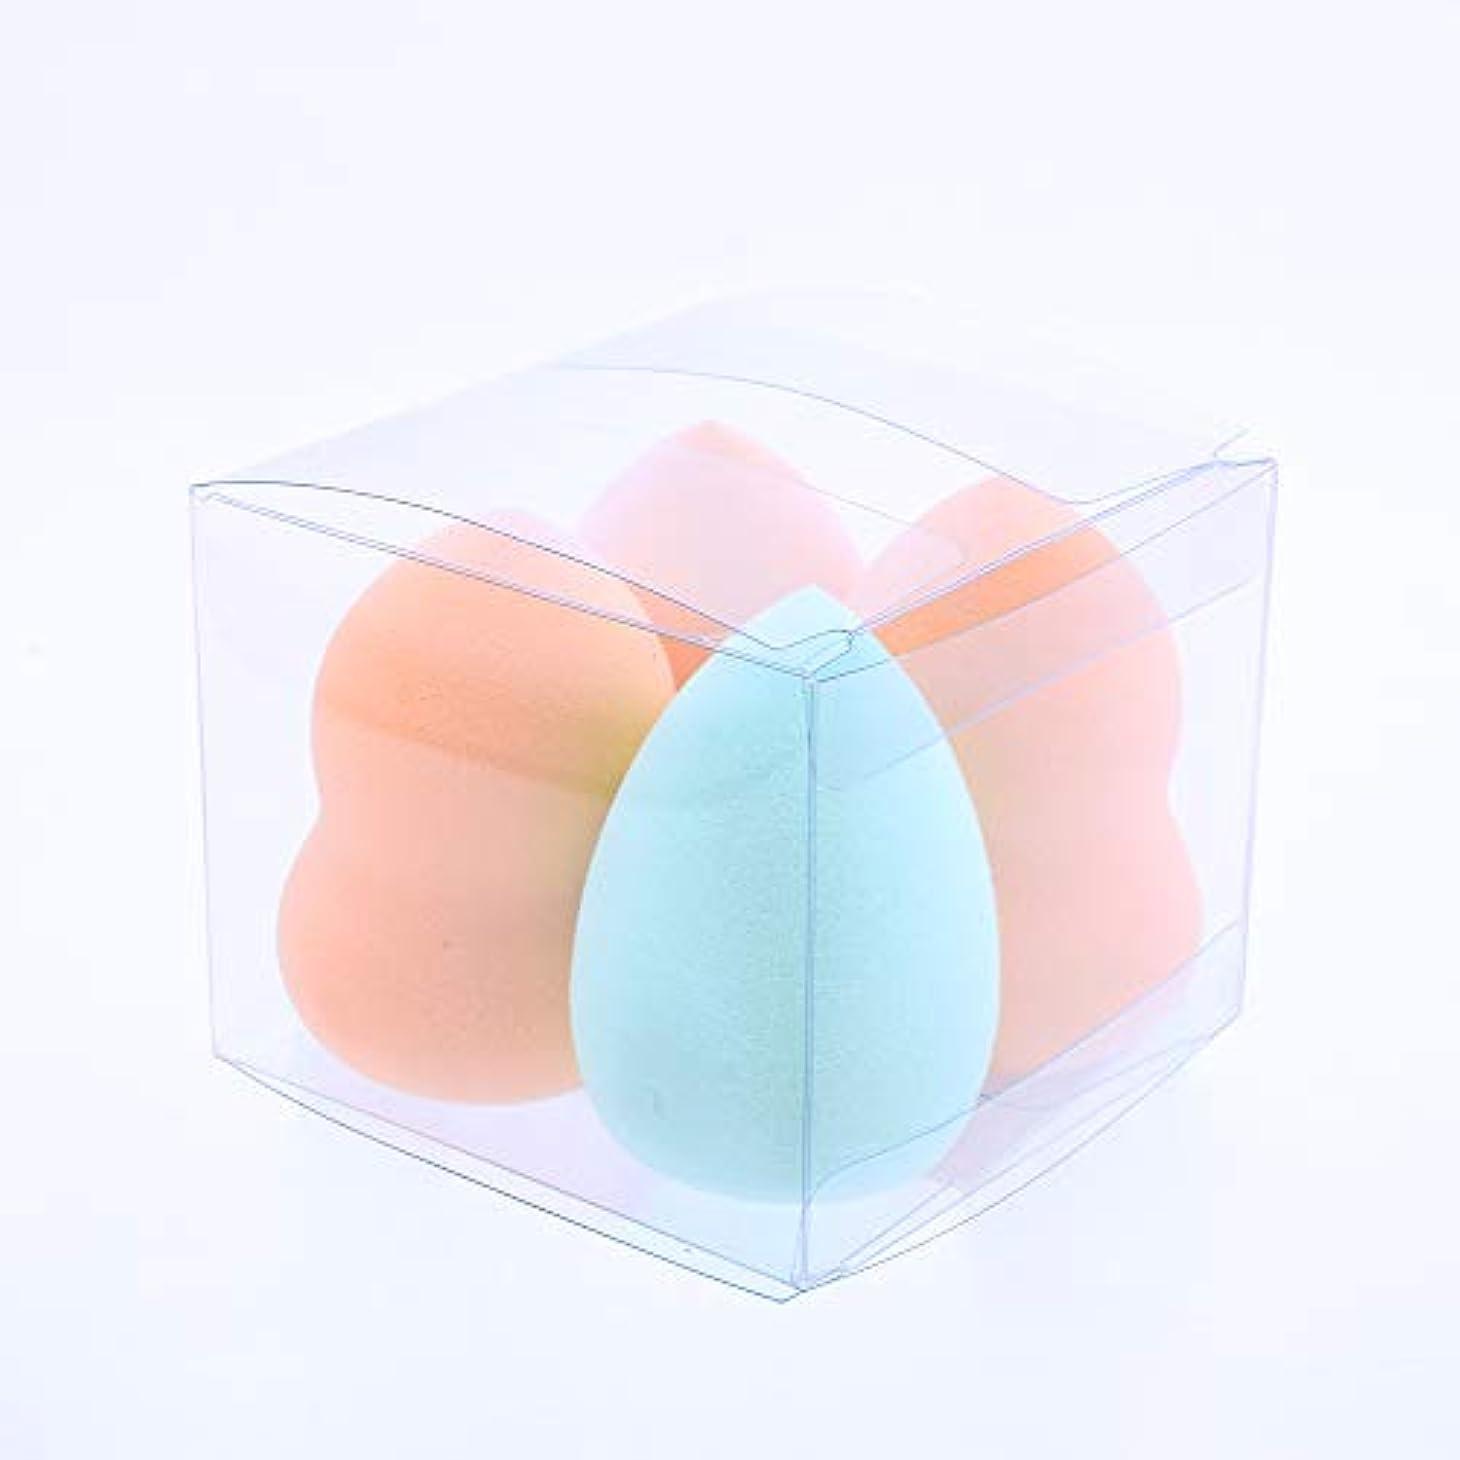 繰り返すタック従順なKAYSON メイクアップ スポンジパフ 化粧 メイク パフ プロ 用 スポンジ ファンデーション (4個 涙型 ひょうたん型 セット)